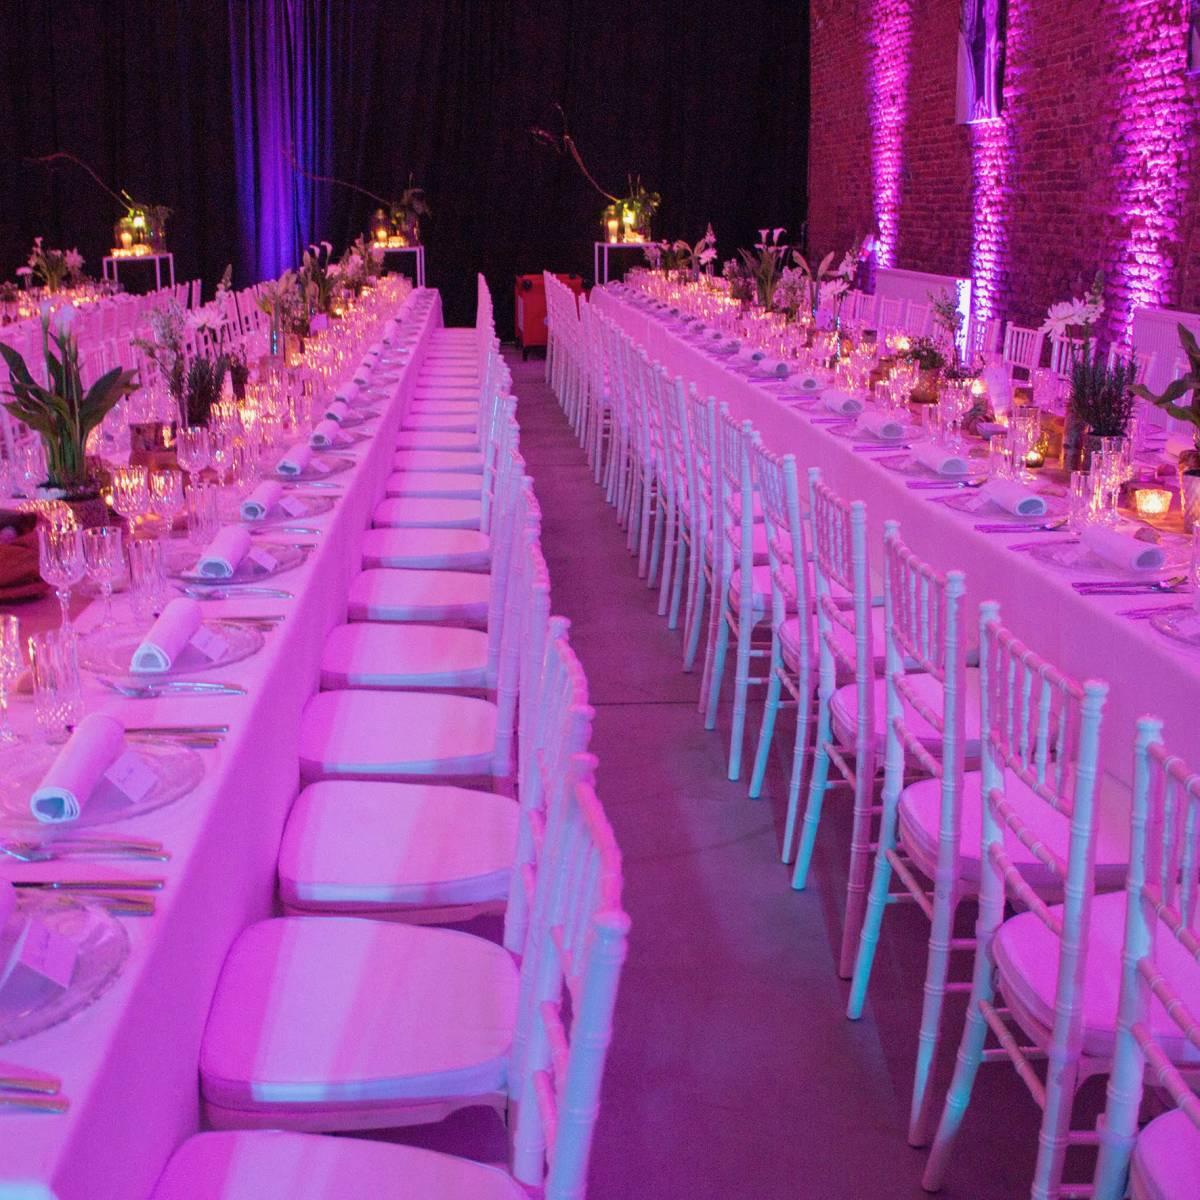 Excellence Weddings - House of Weddings - Elsbeth Neyens